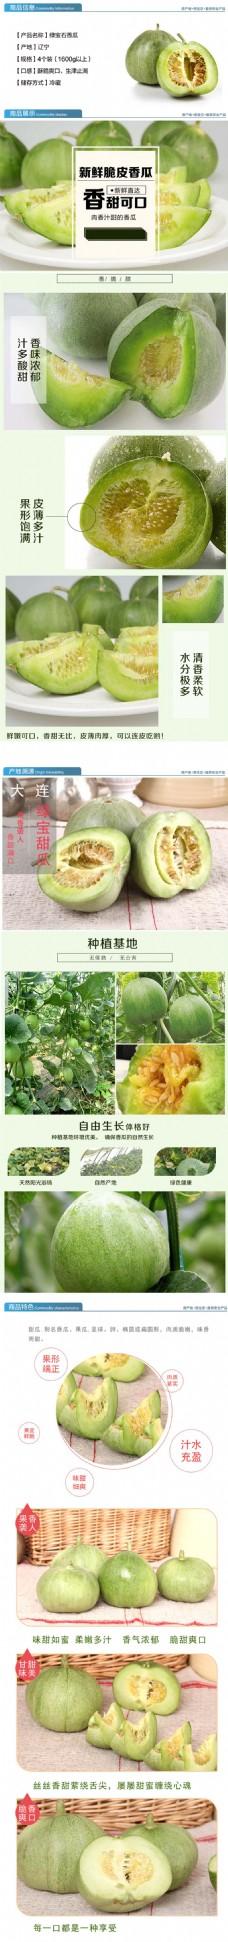 绿宝石香瓜详情页